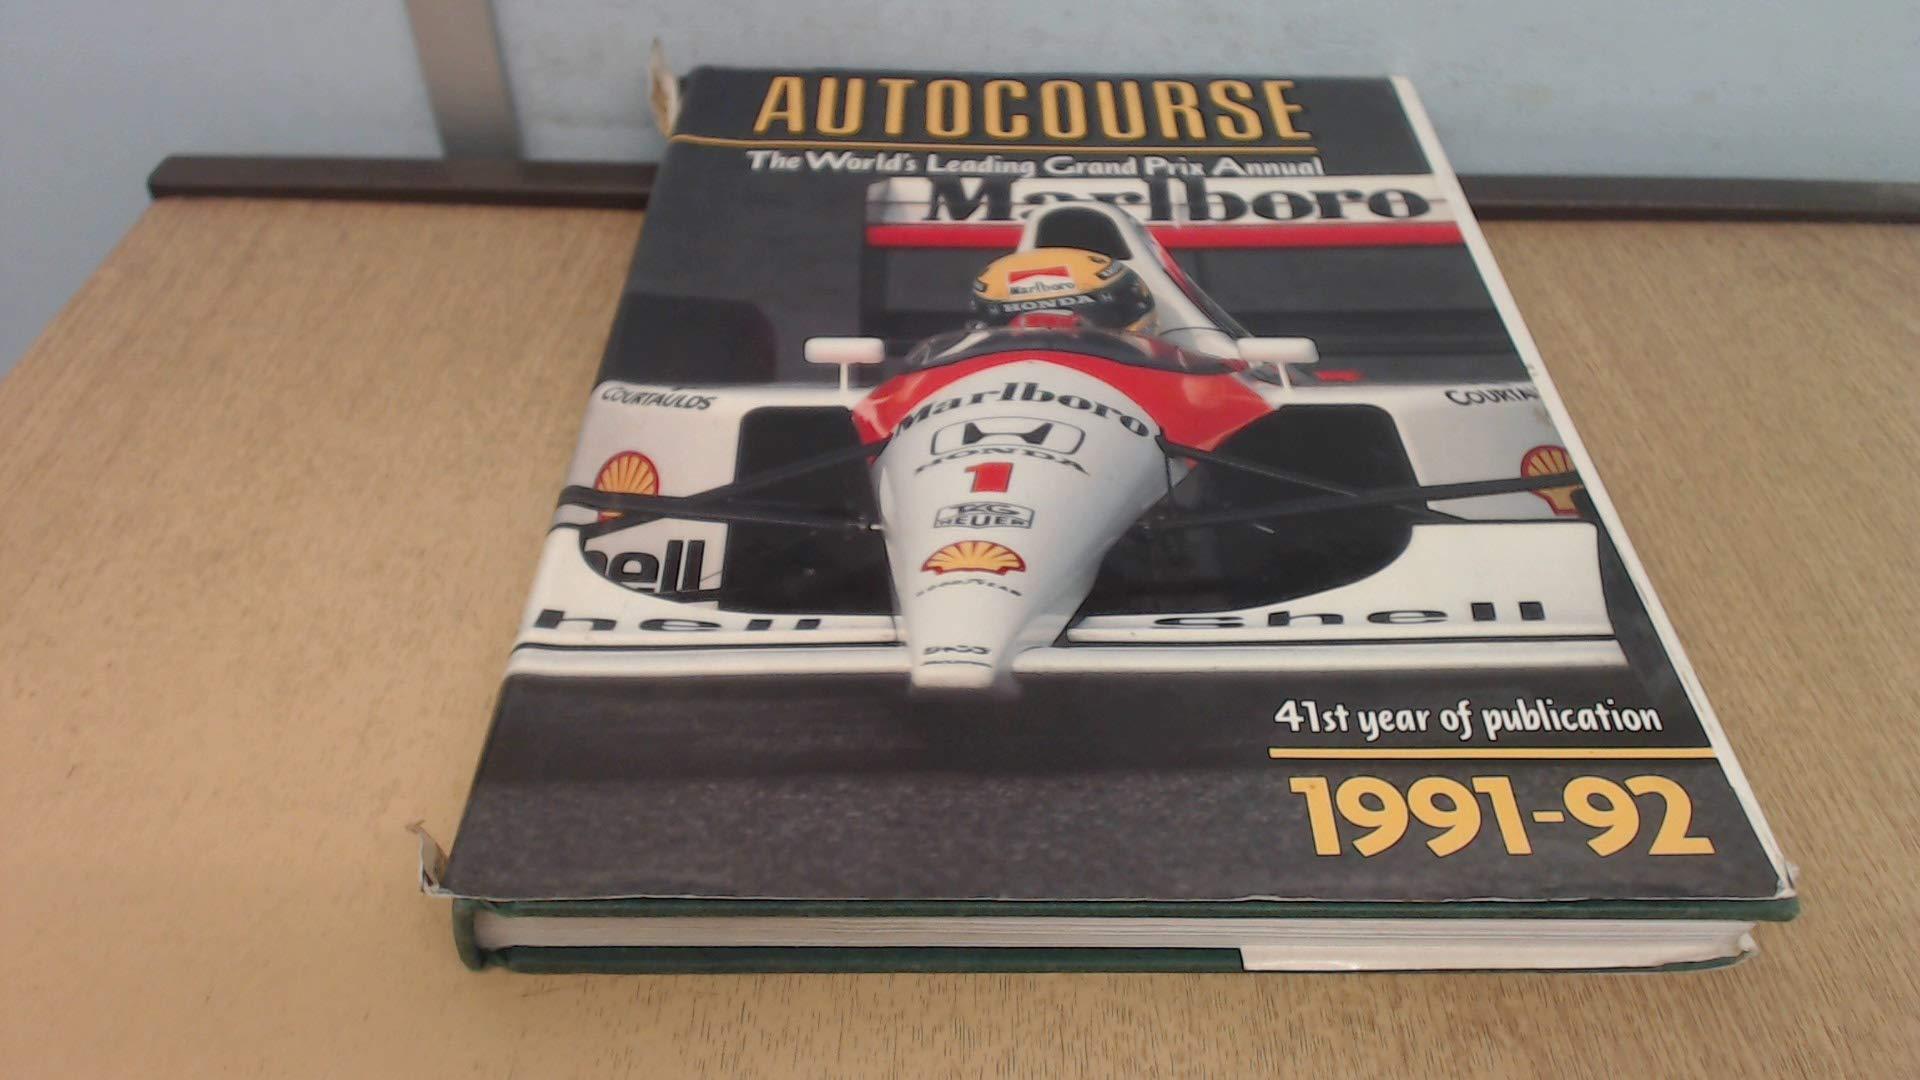 Autocourse 1991-92